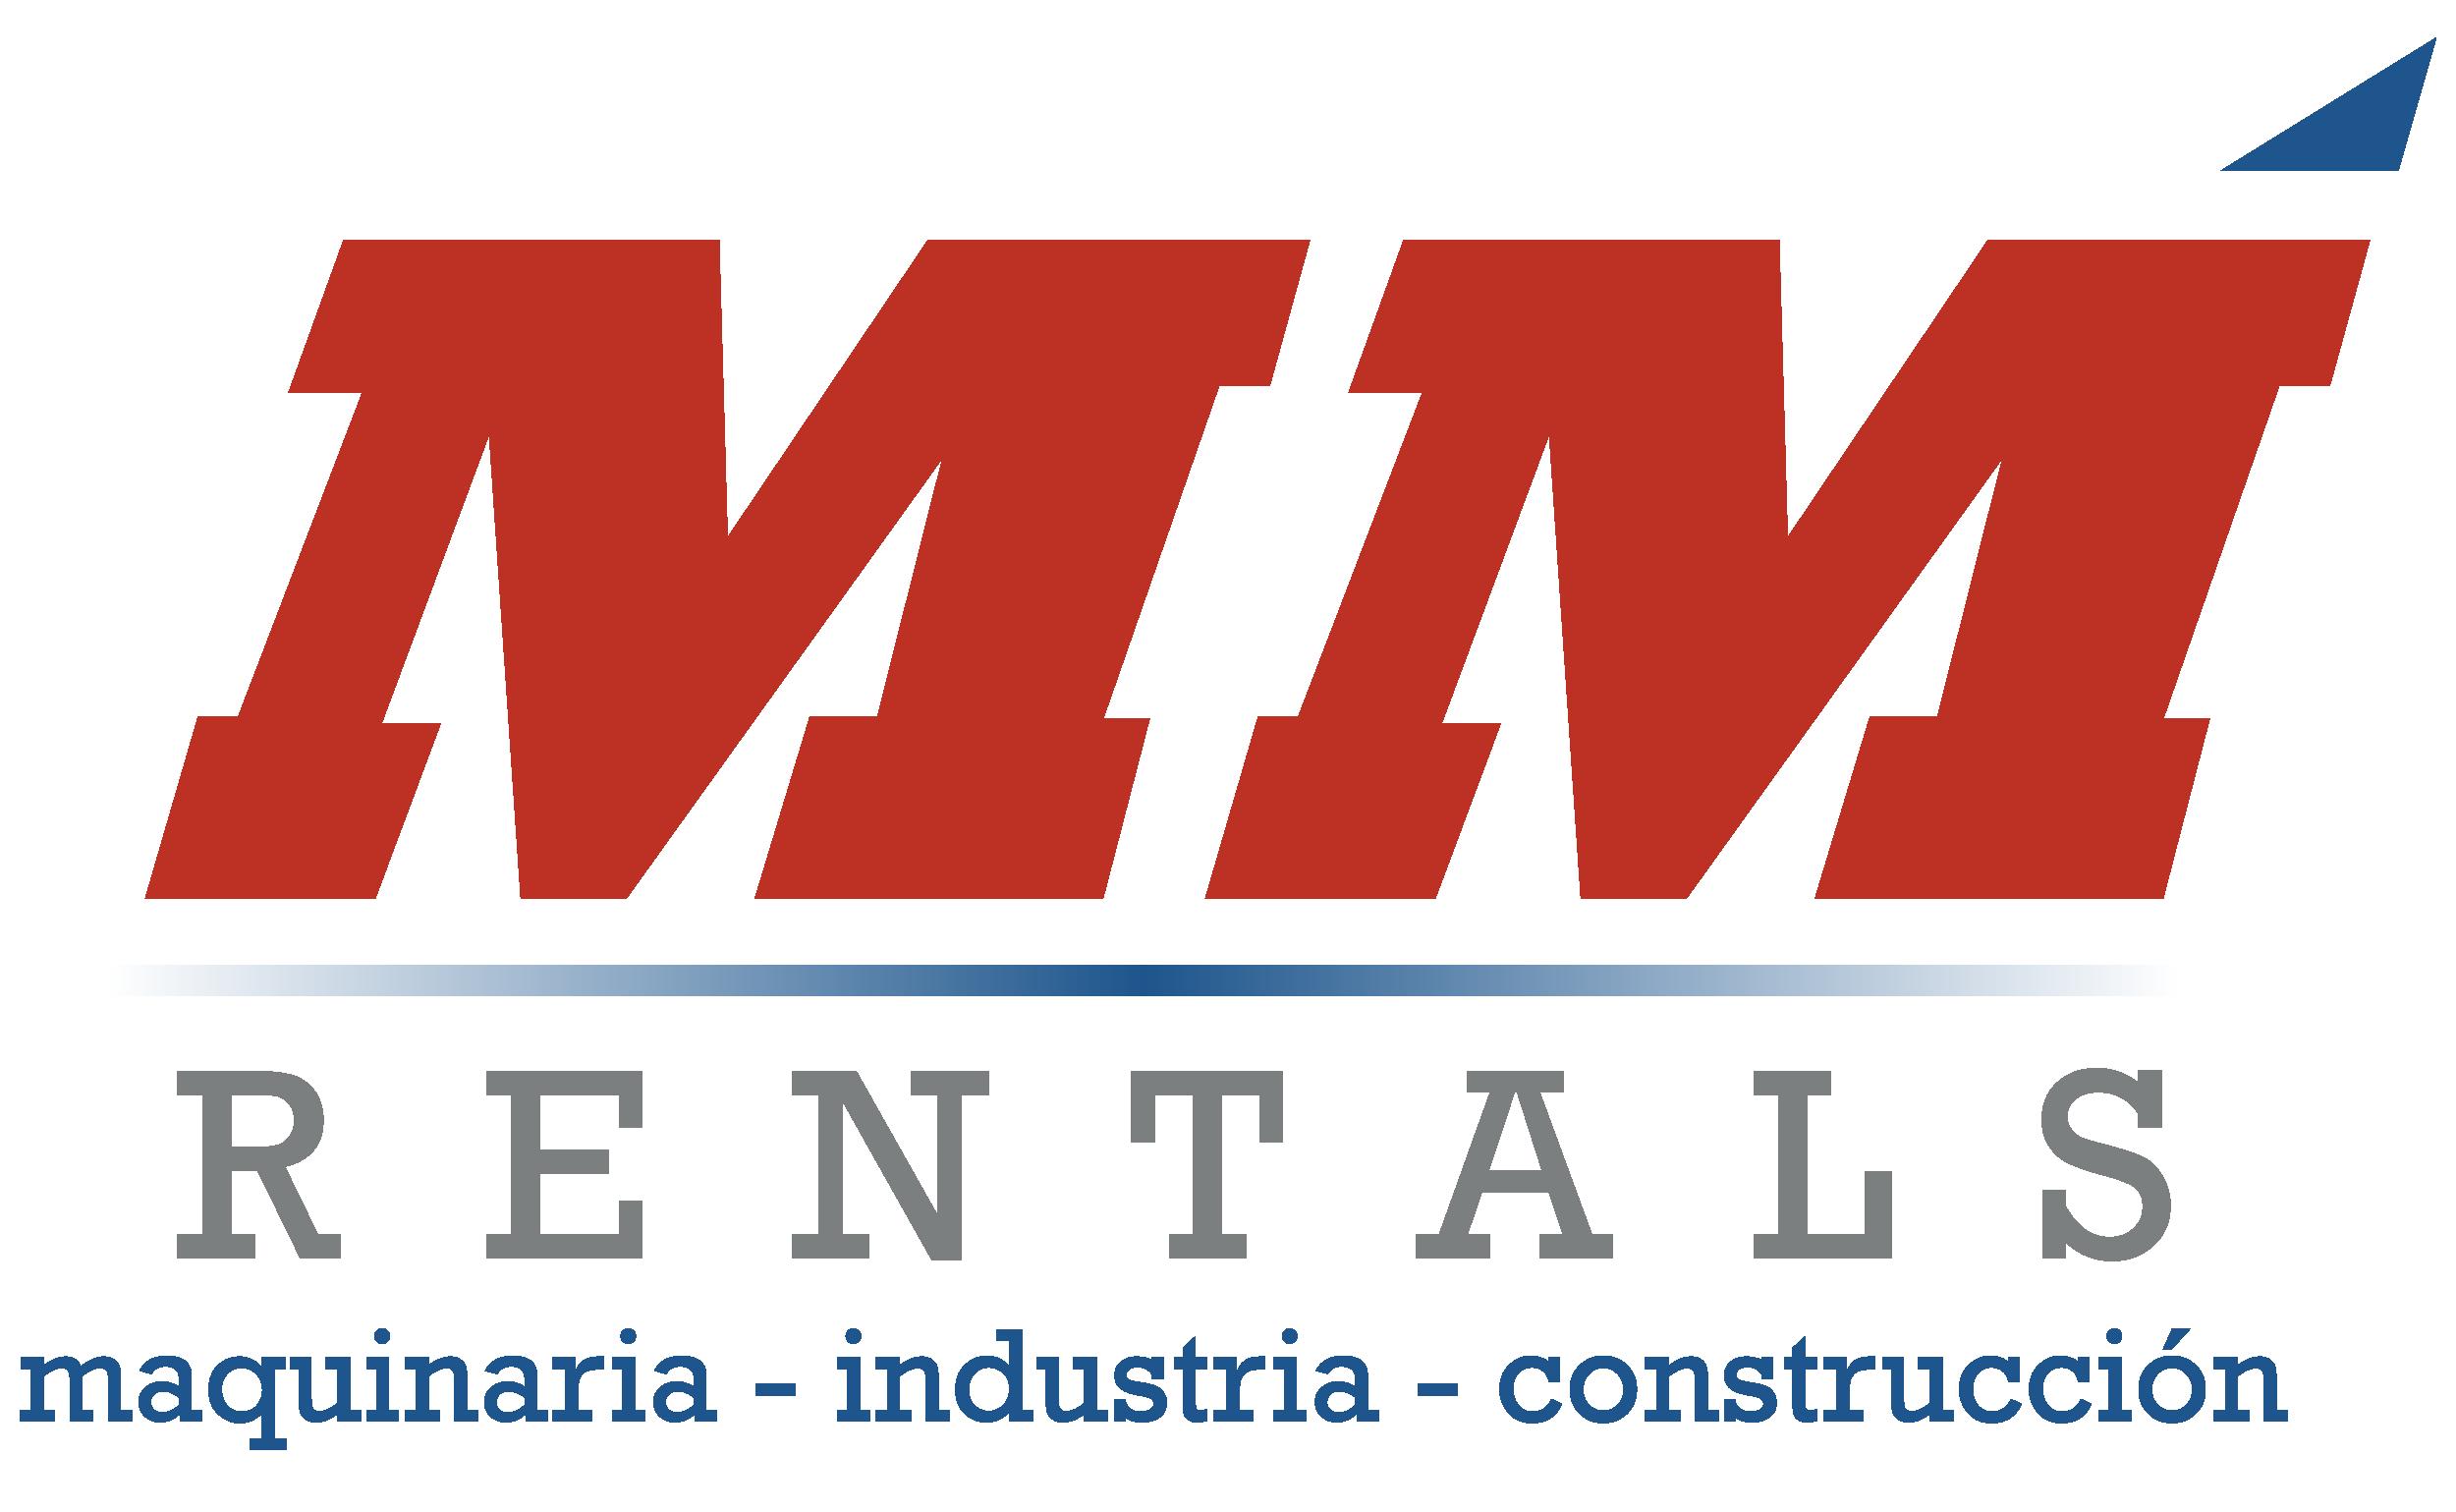 MM RENTALS | Maquinaria, Industria, Construcción